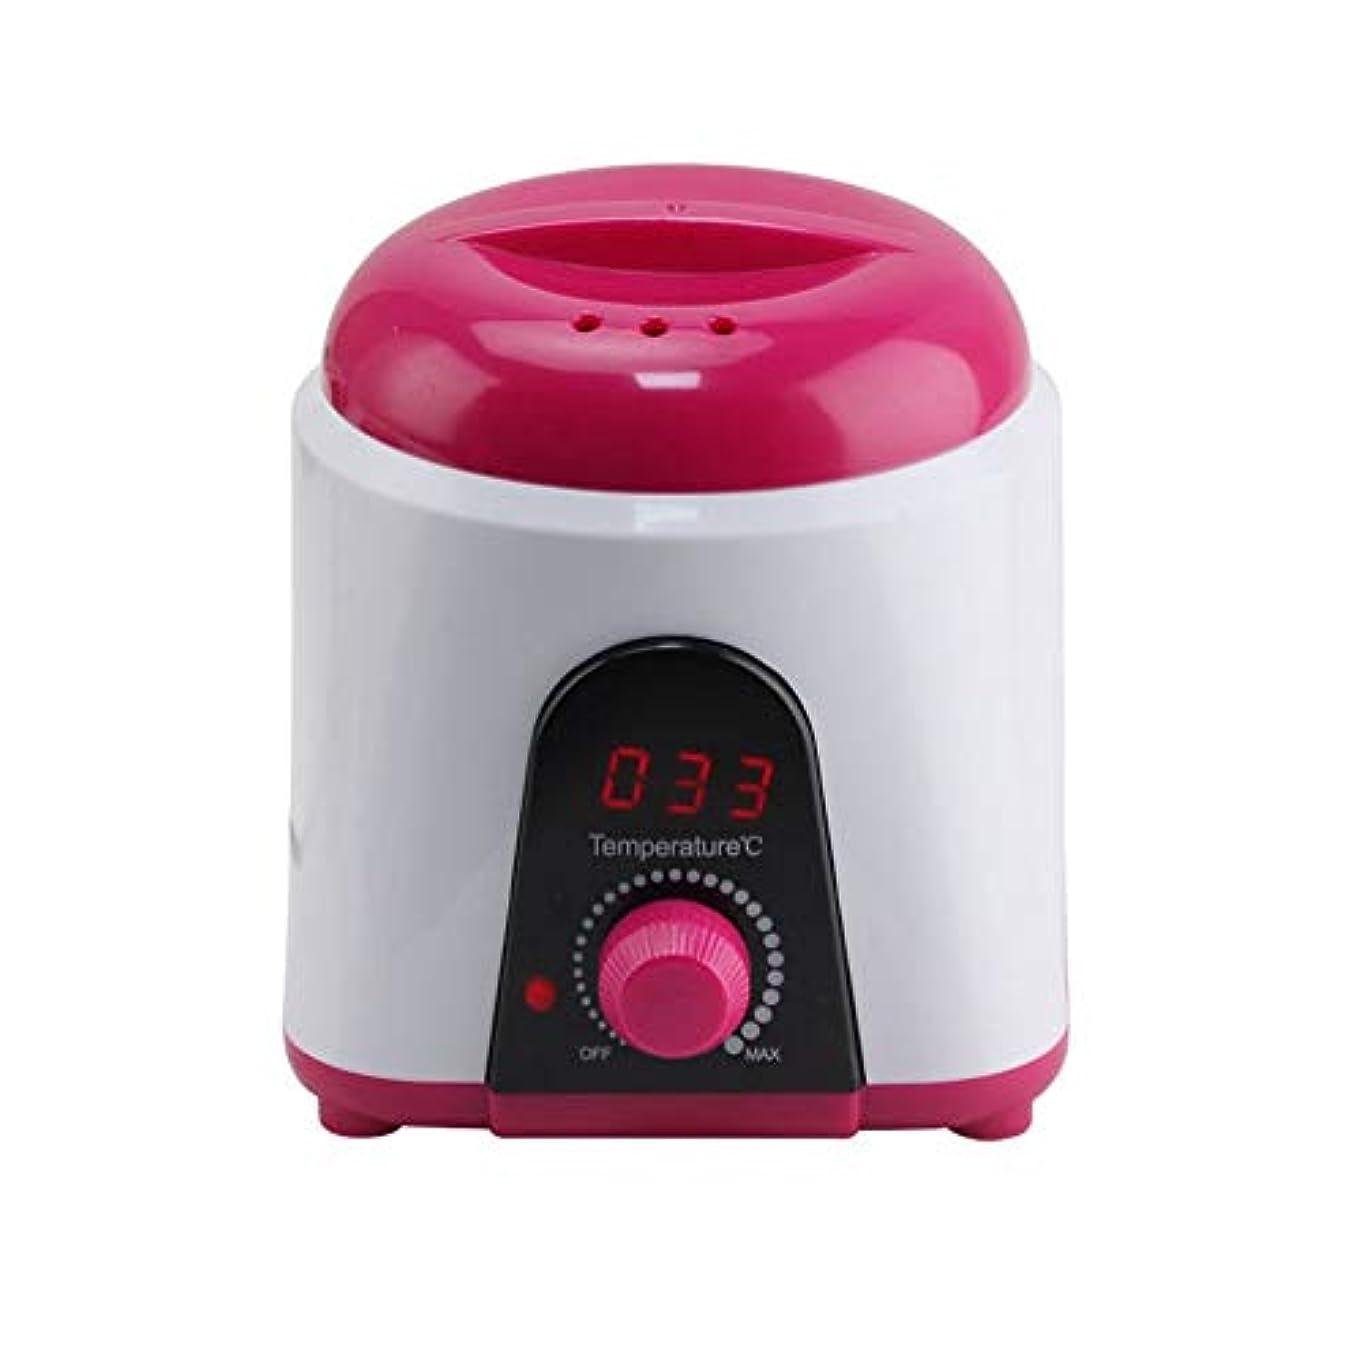 ブロー水曜日ジャニス調節可能な温度のワックスマシン、女性および男性500CCのための多機能の家のワックスが付いている毛の取り外しのための専門の電気ワックスのウォーマーのヒーターのメルター